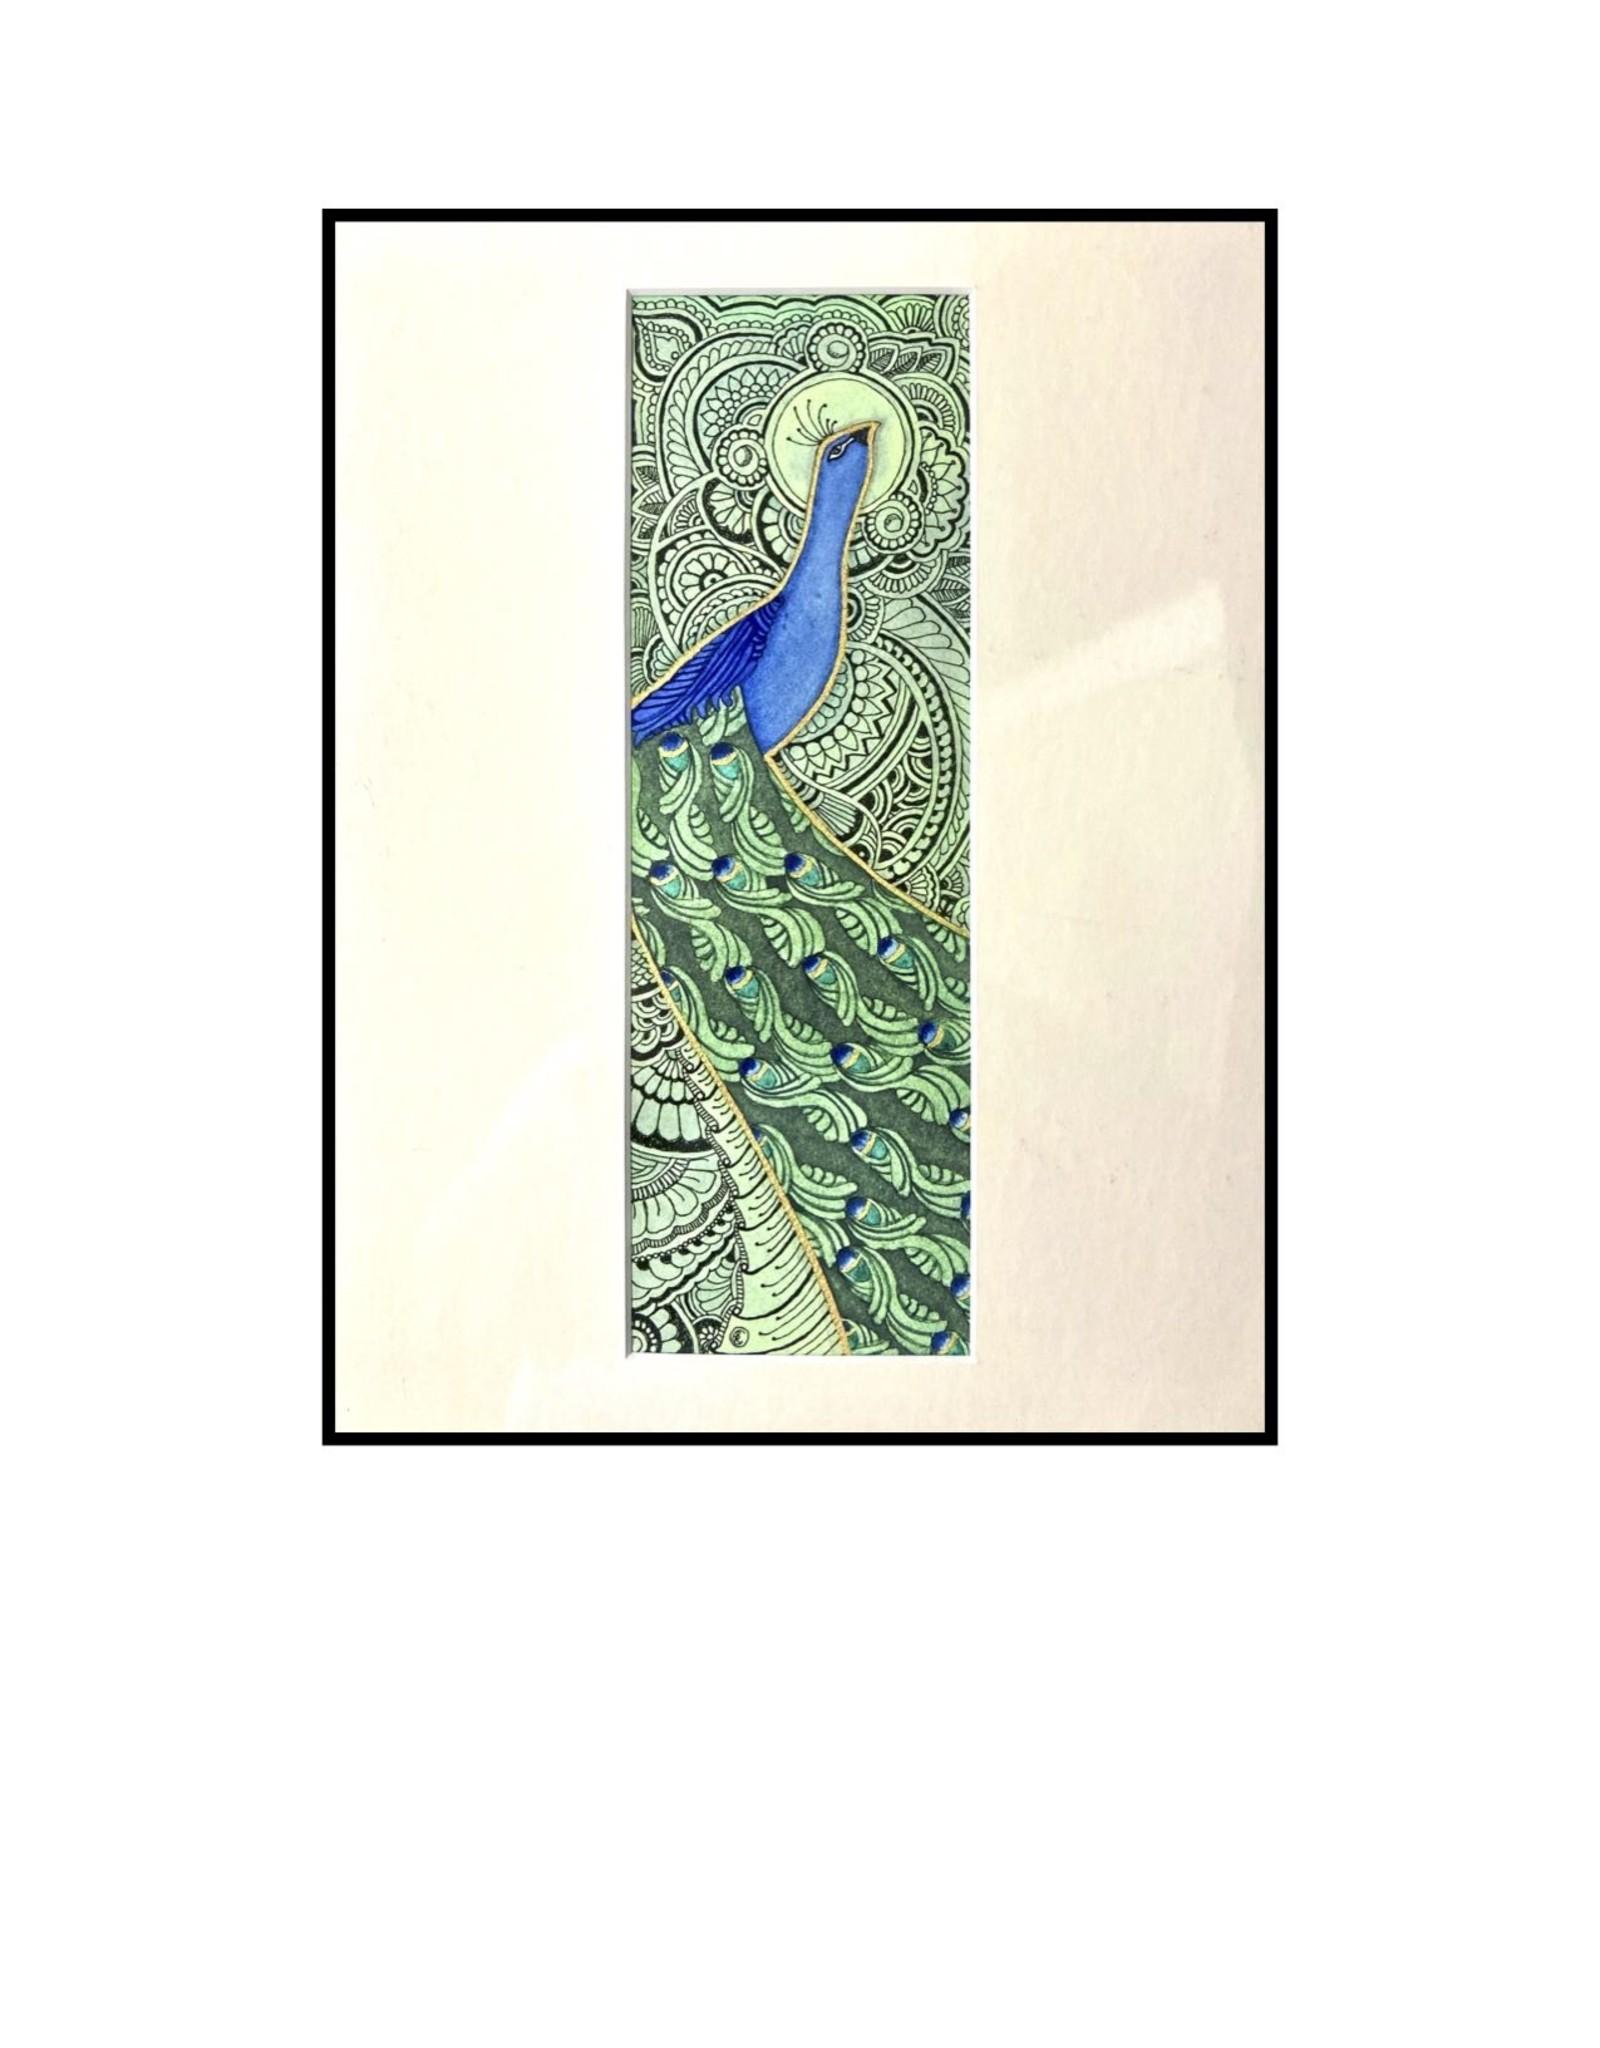 Kelly Casperson Le Roi du Jardin framed print